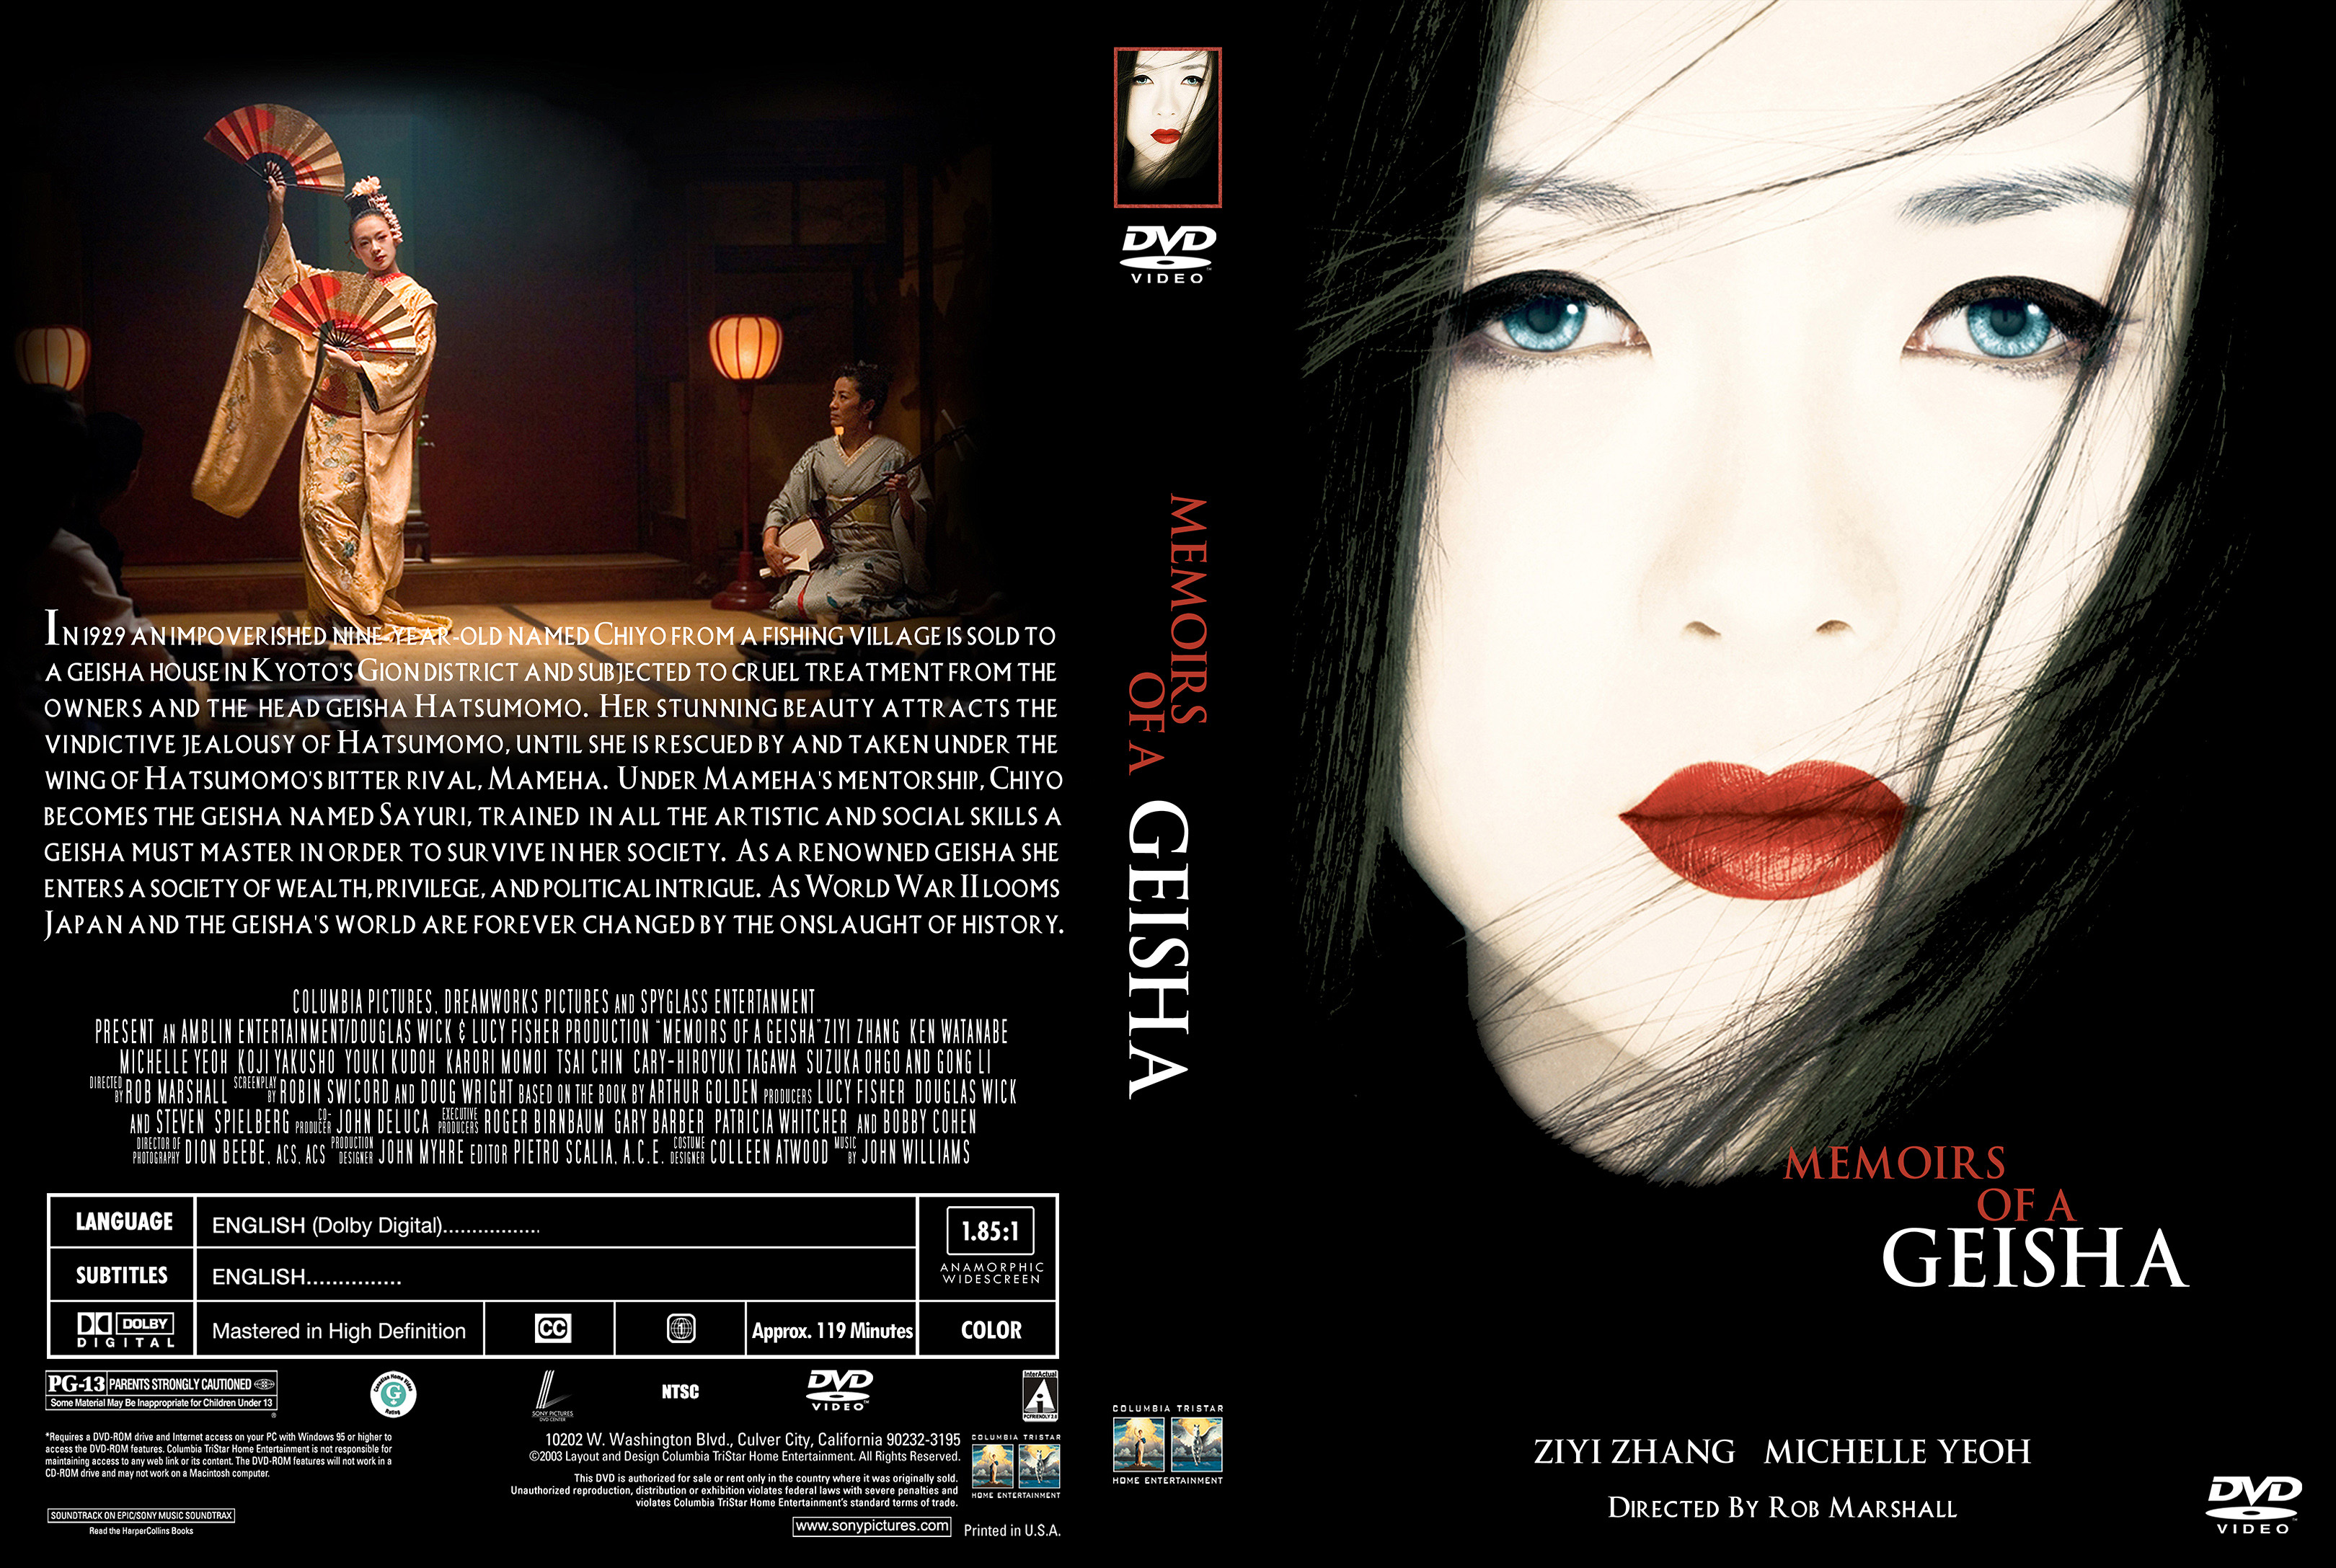 thesis memoirs of a geisha